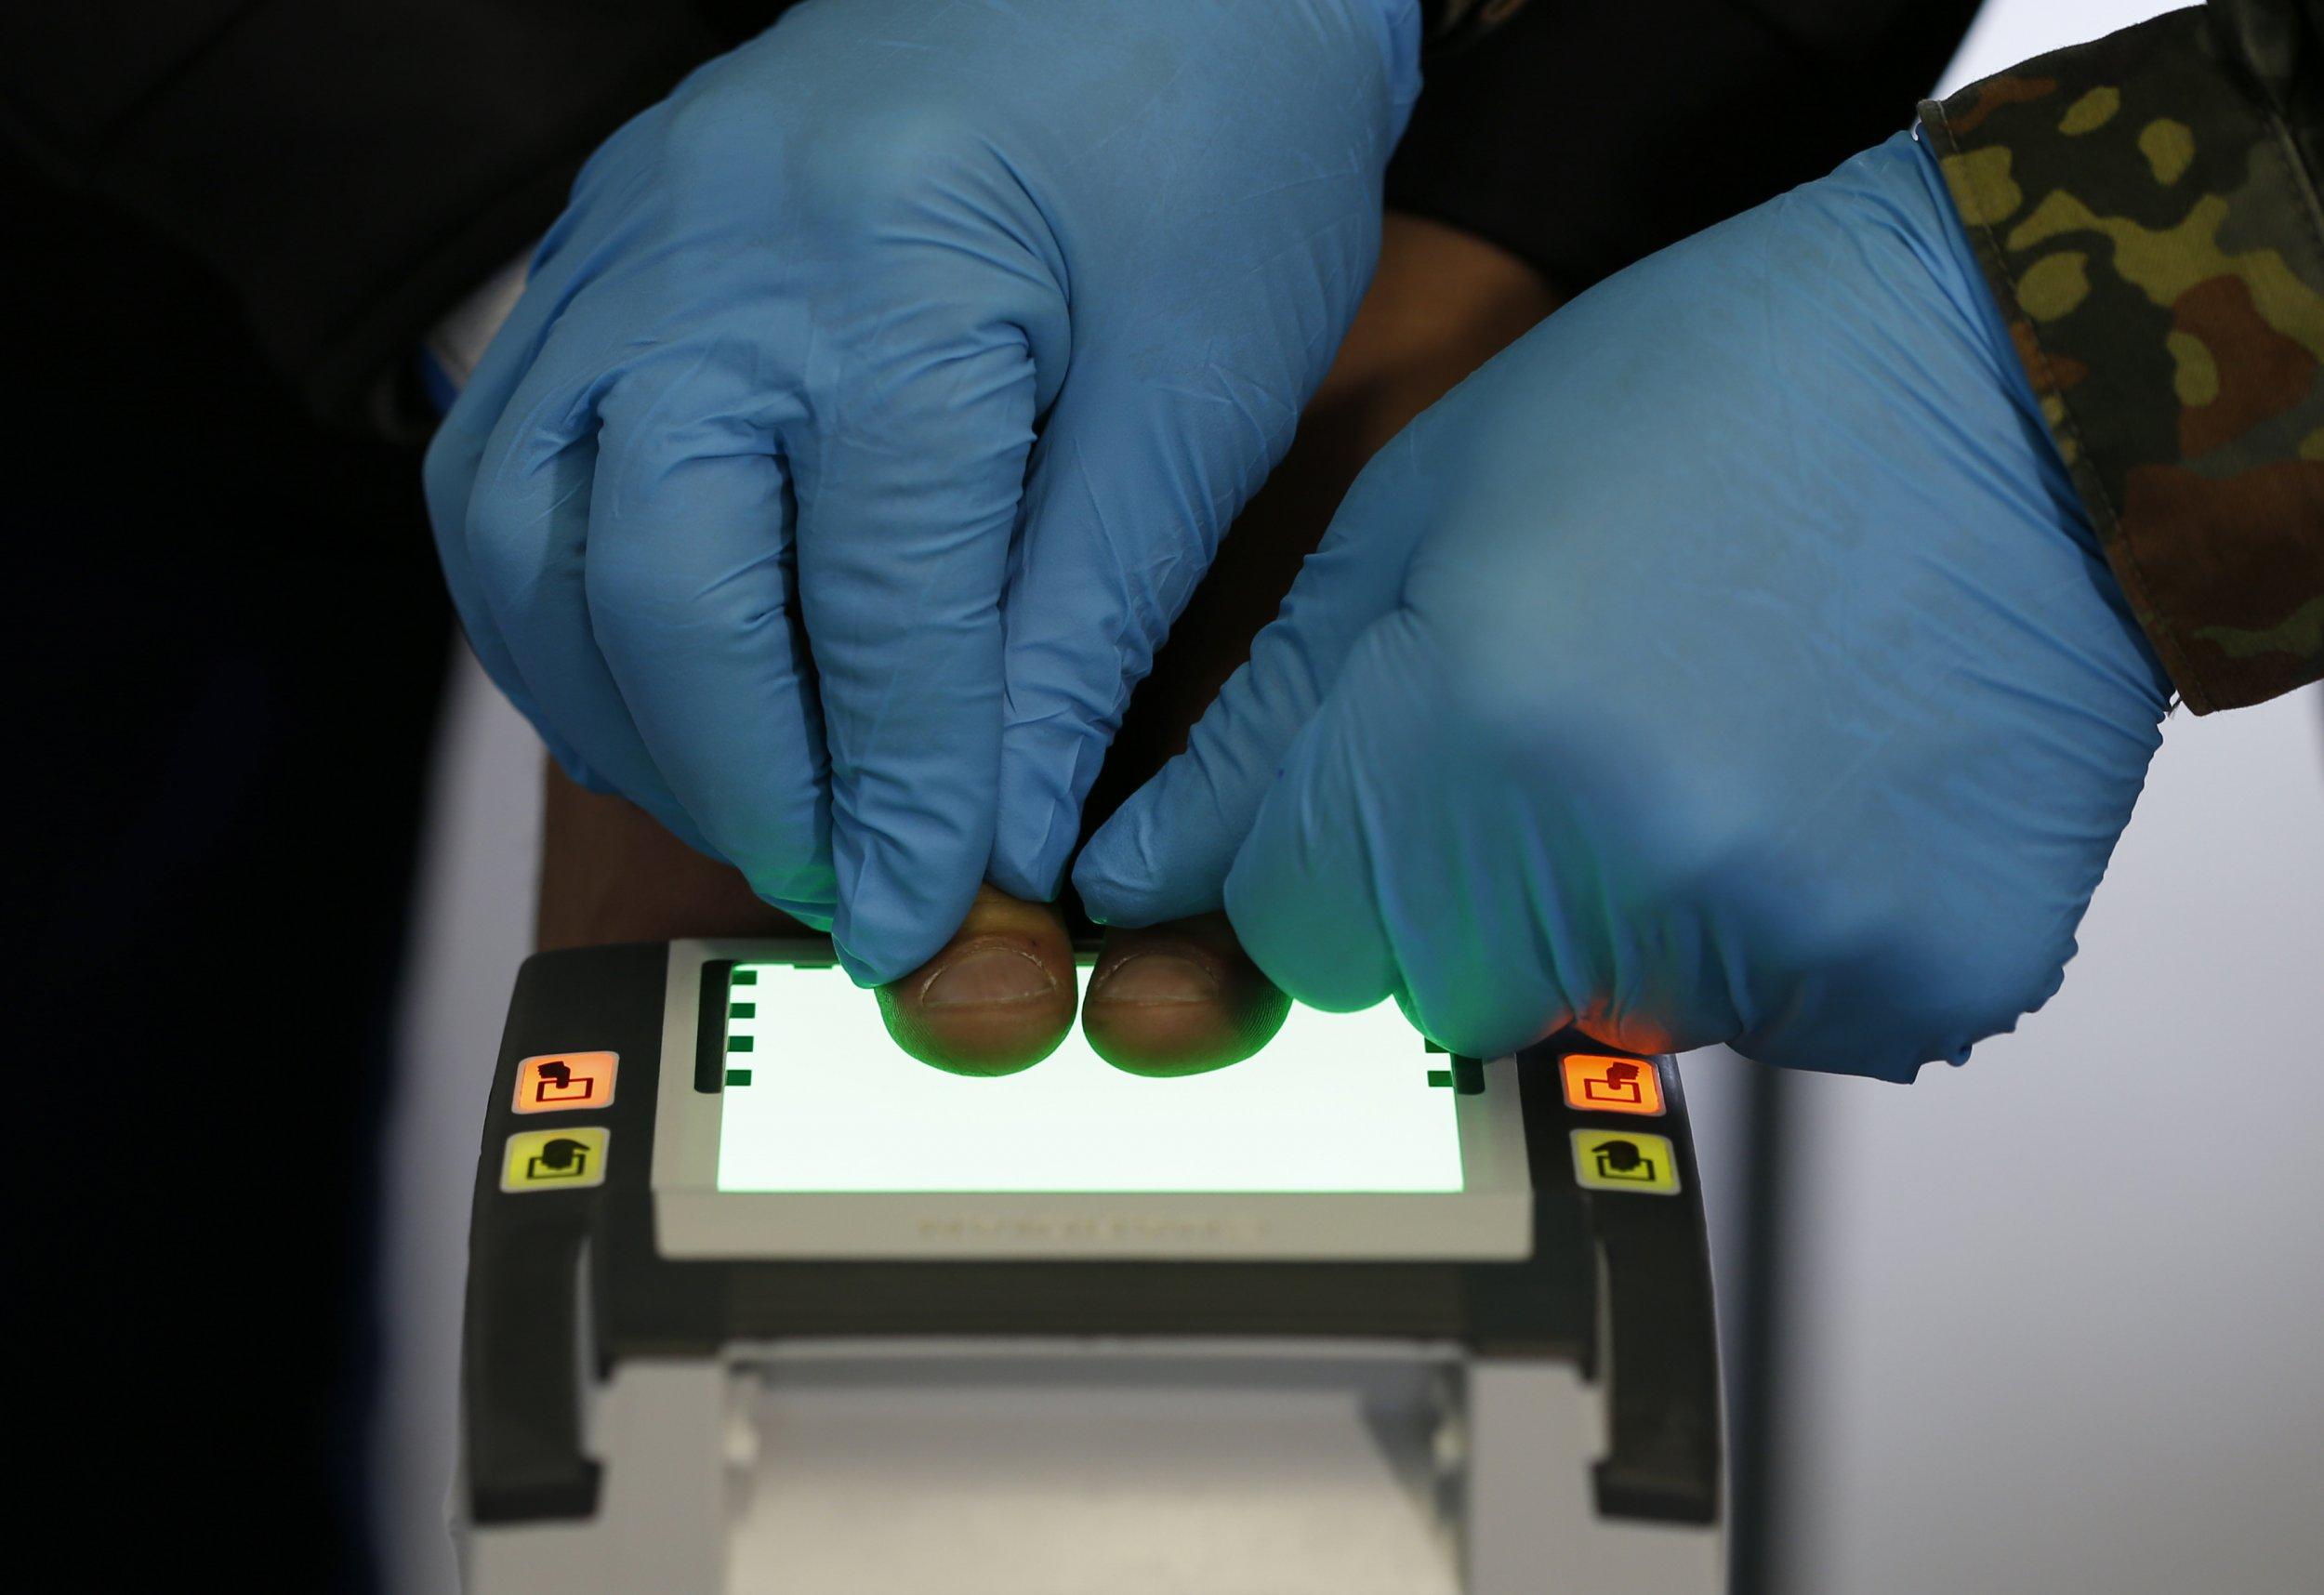 An official scans migrant fingerprints